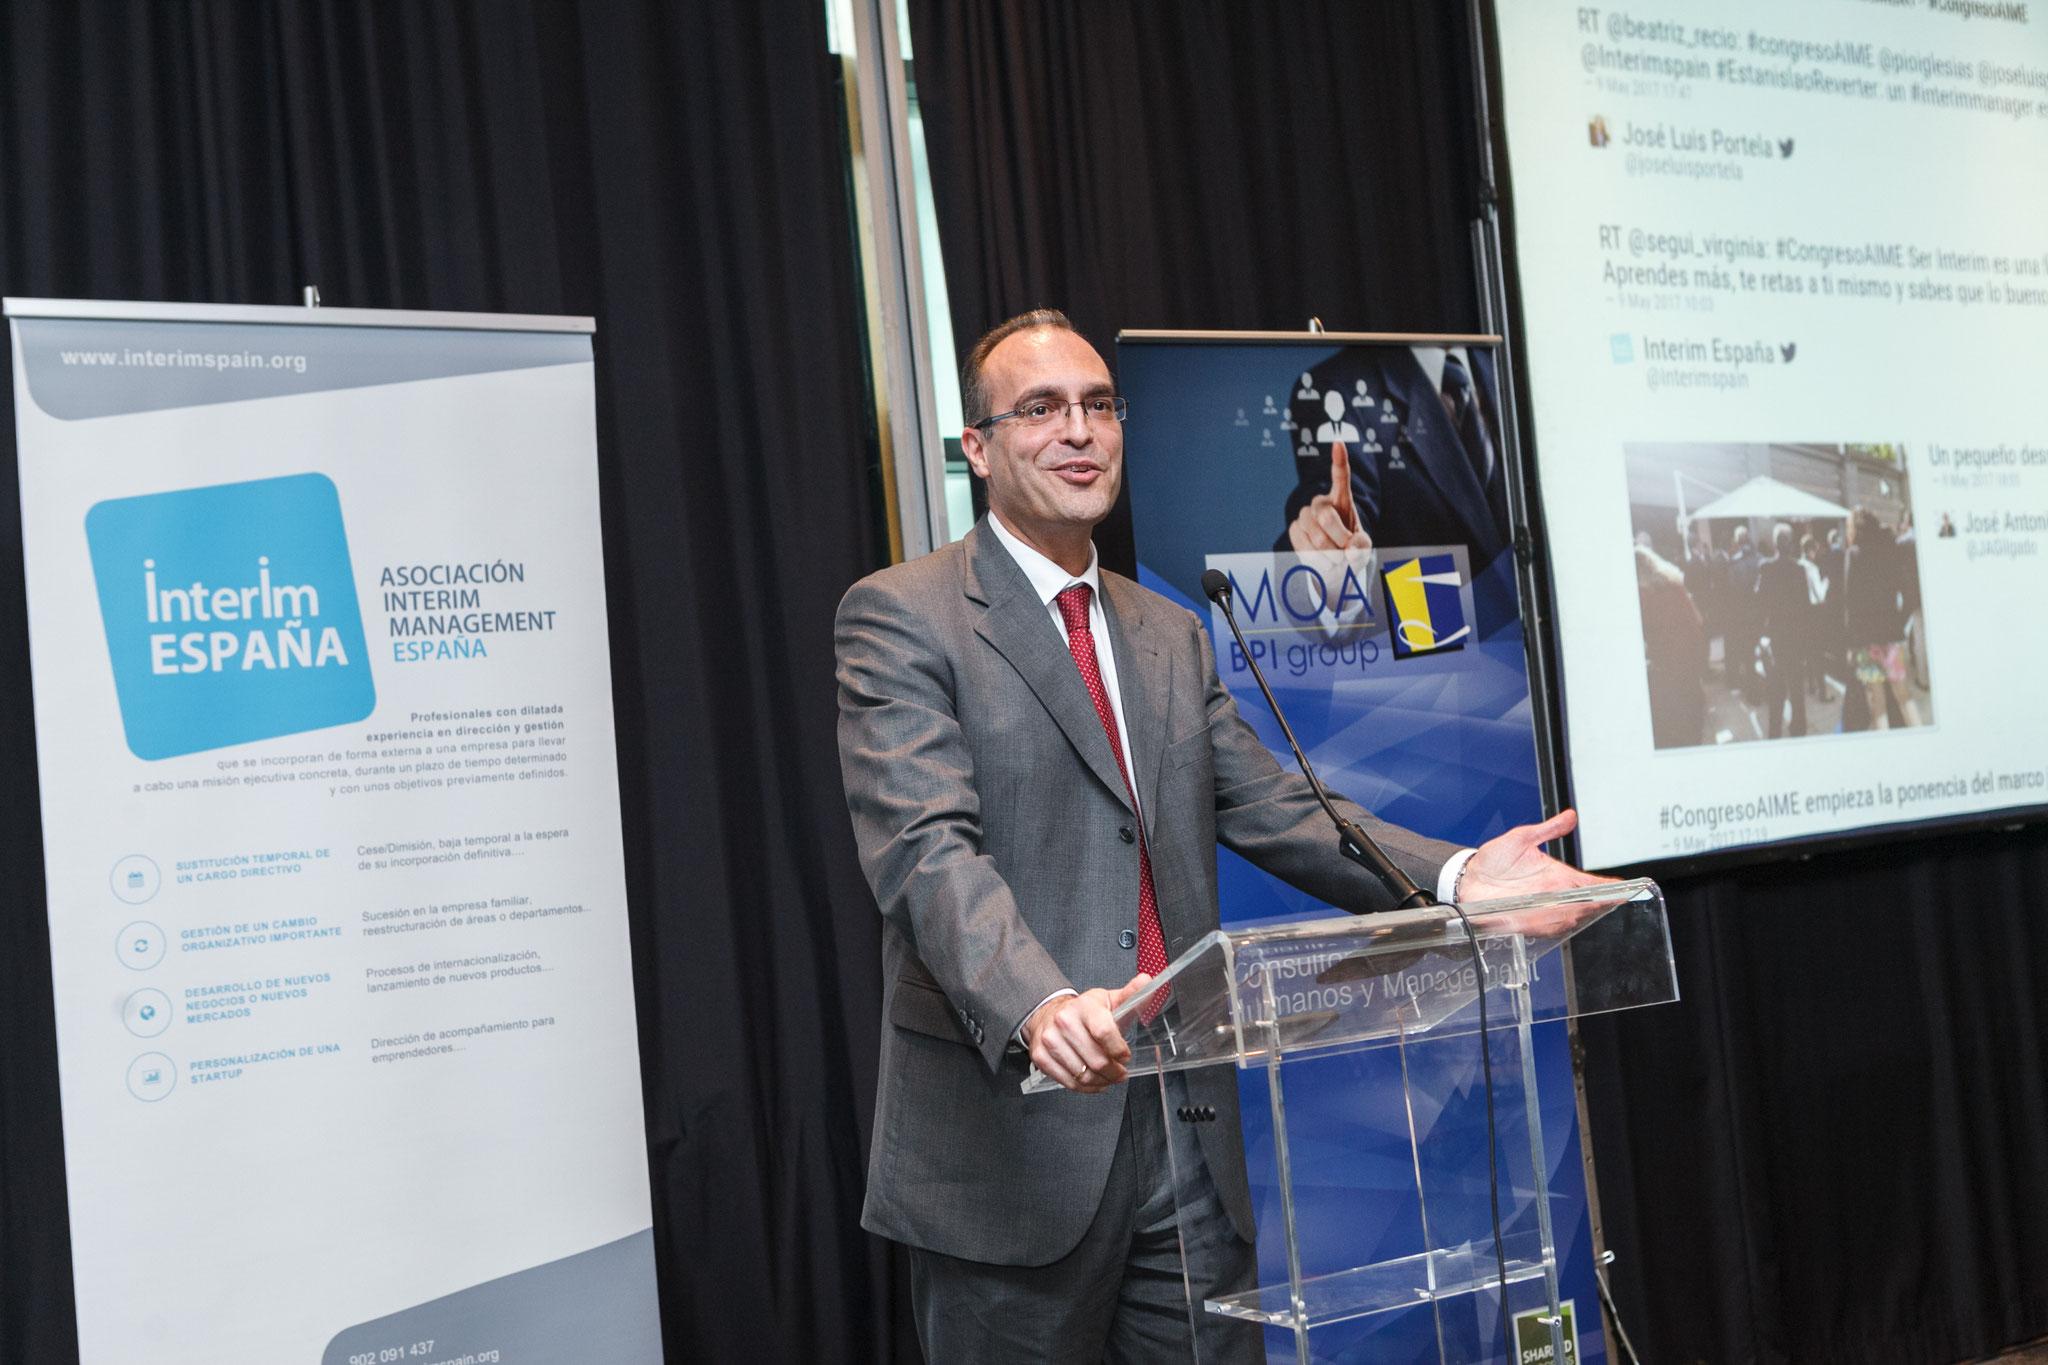 Objetivos de mejora en la competitividad a la Pyme  | Antonio Fernández Ecker - Subdirector General Apoyo Pyme